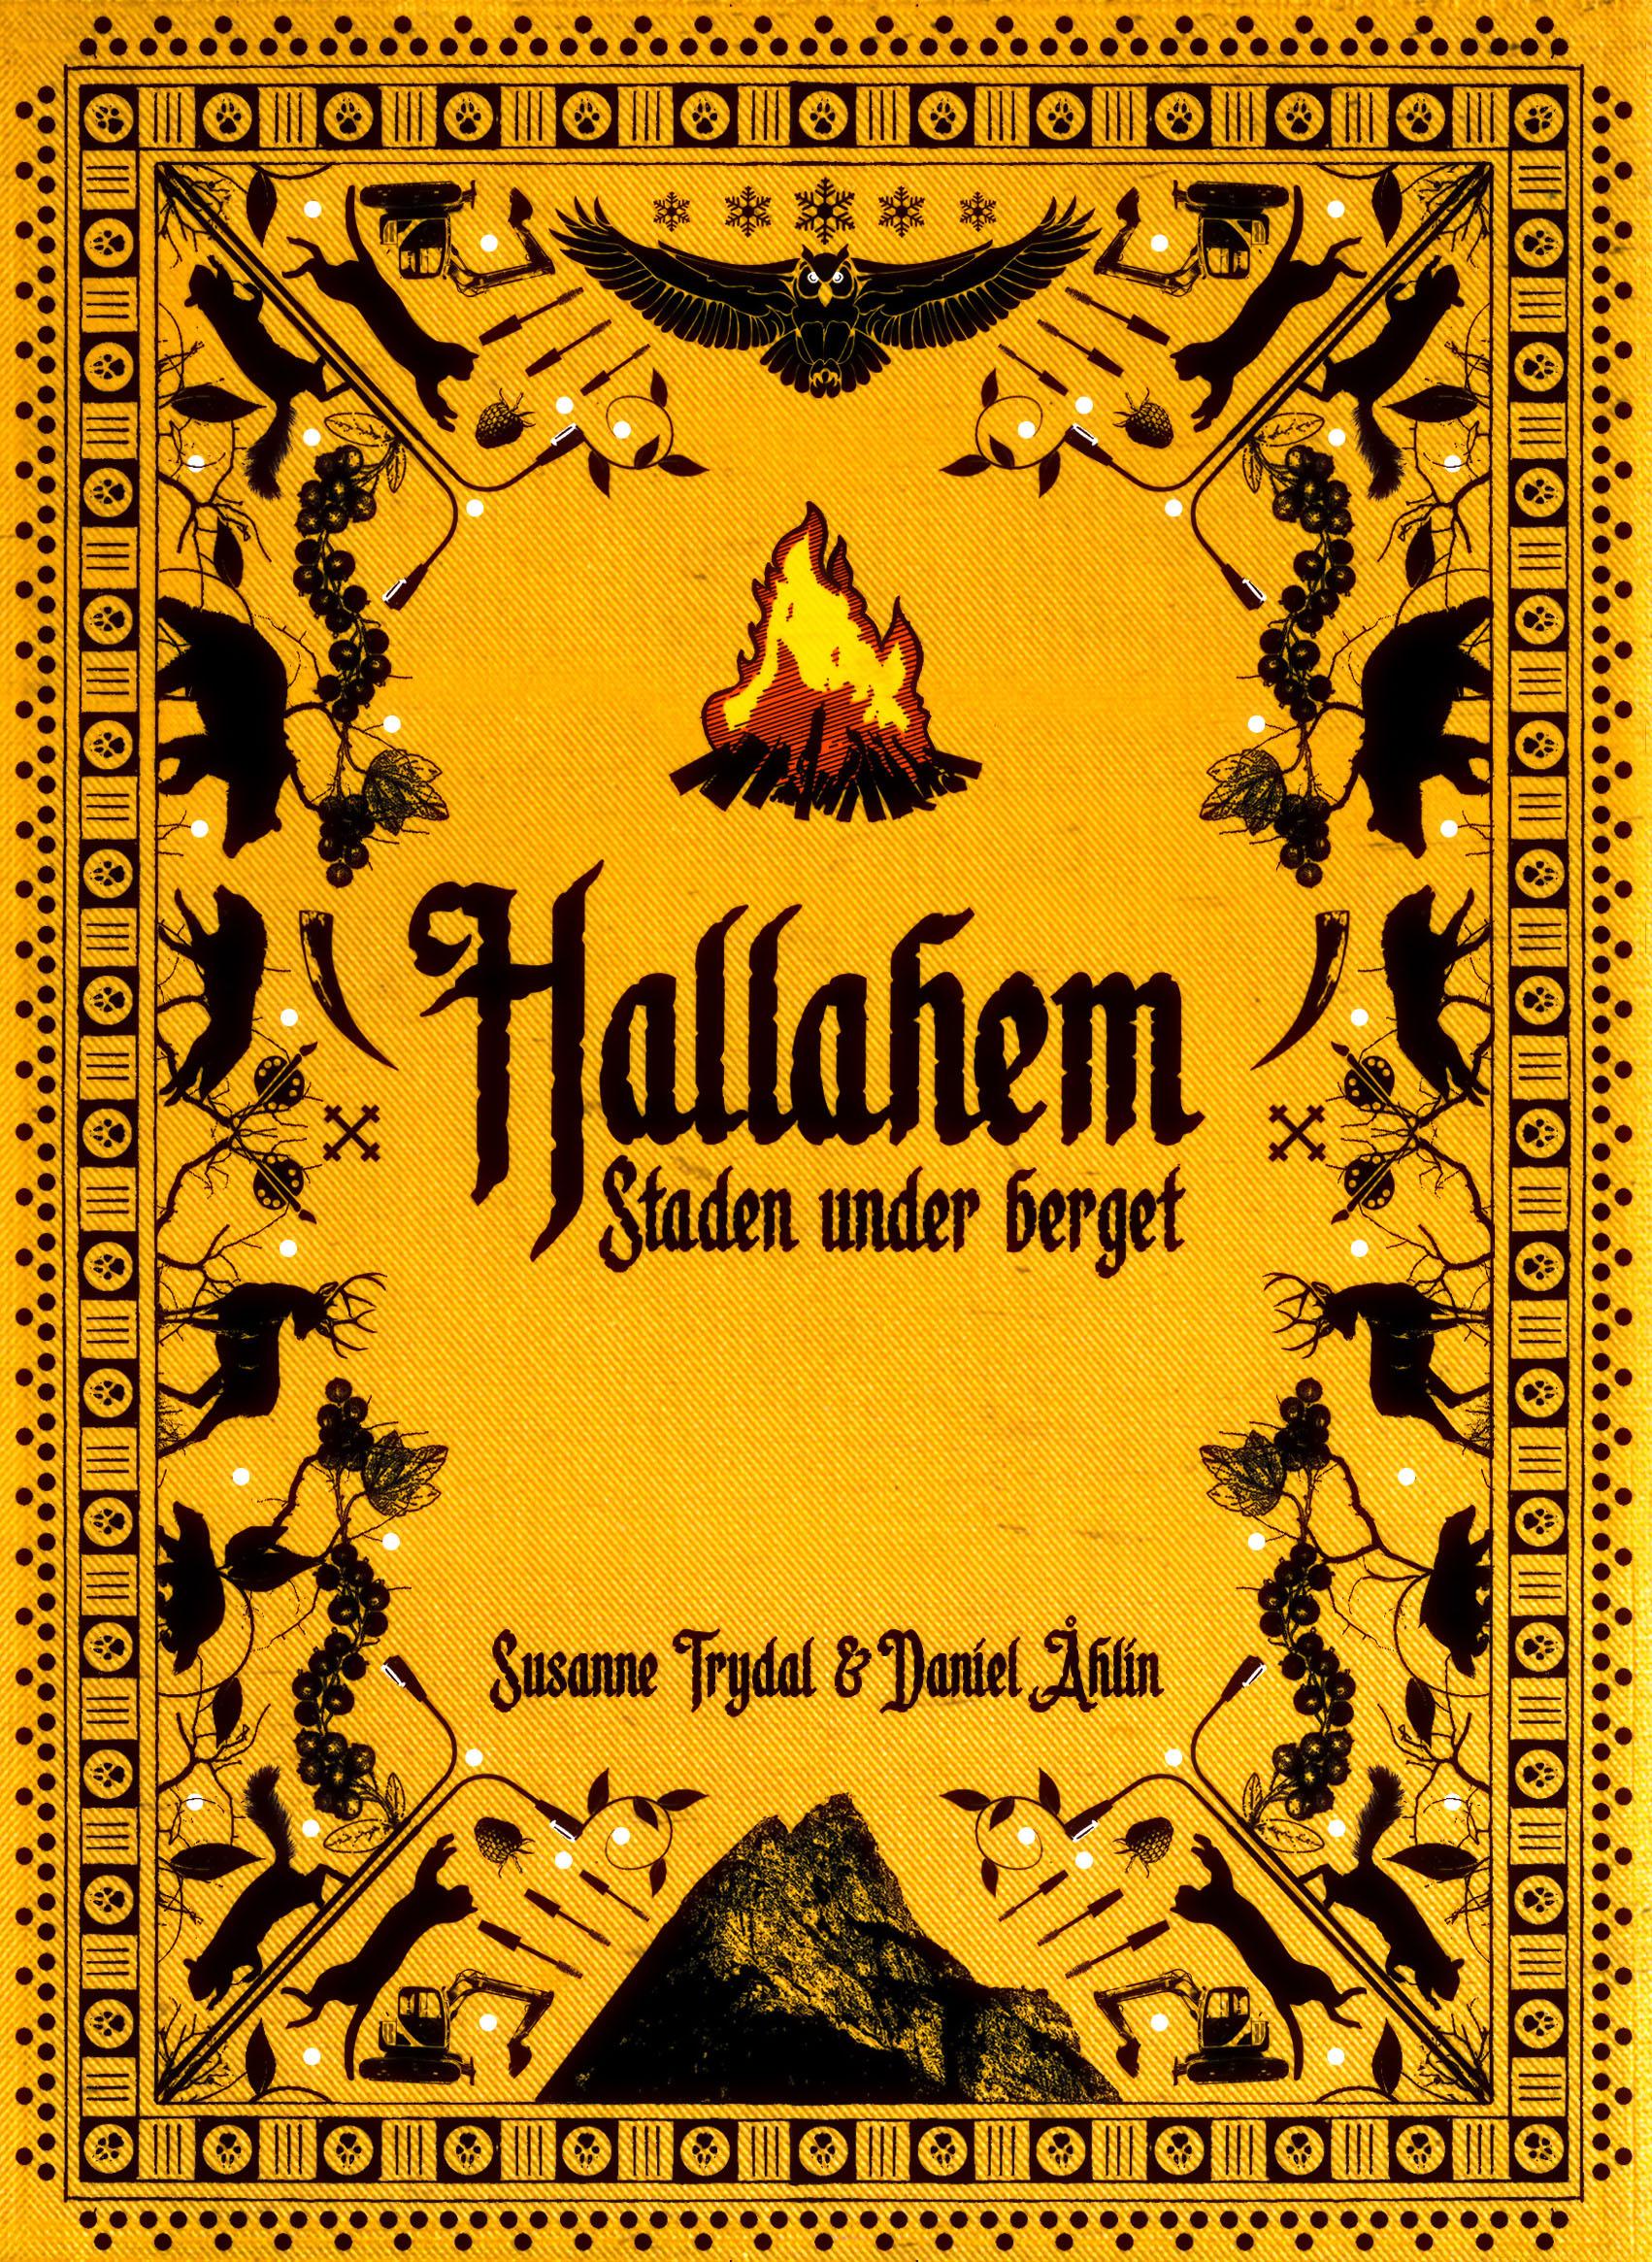 Hallahem Staden under berget